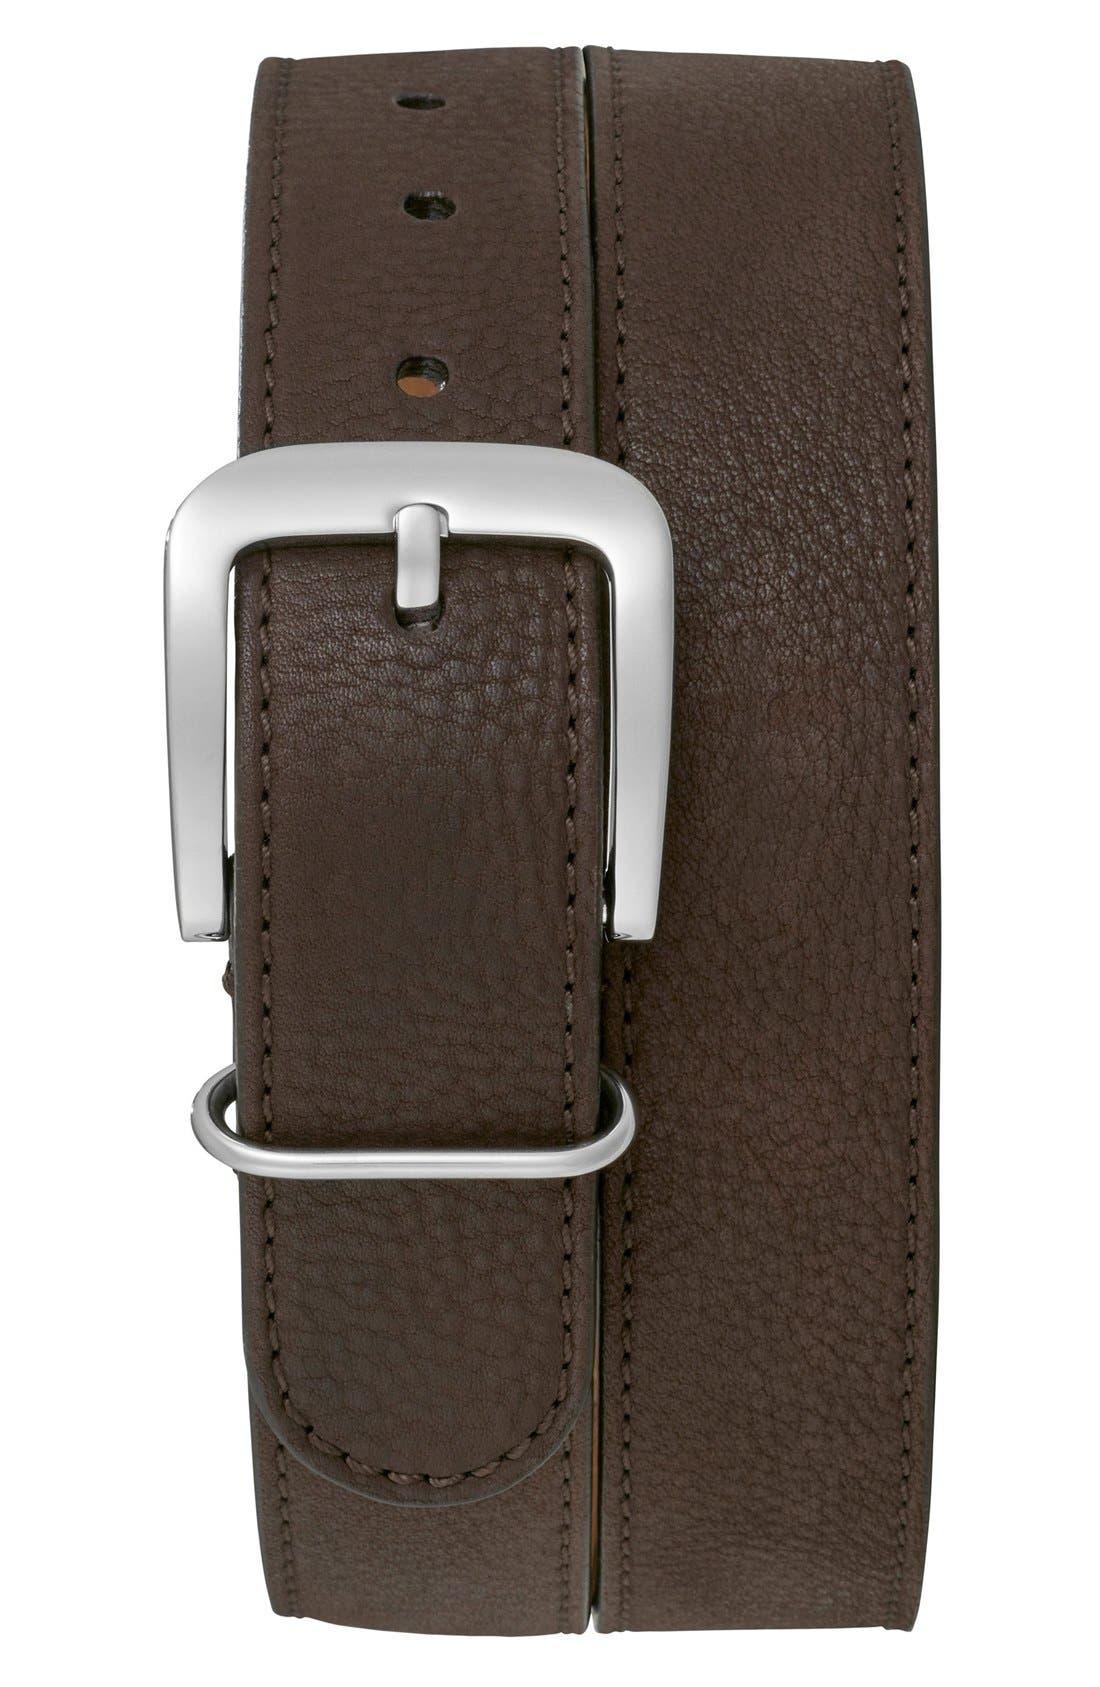 Shinola G10 Leather Belt